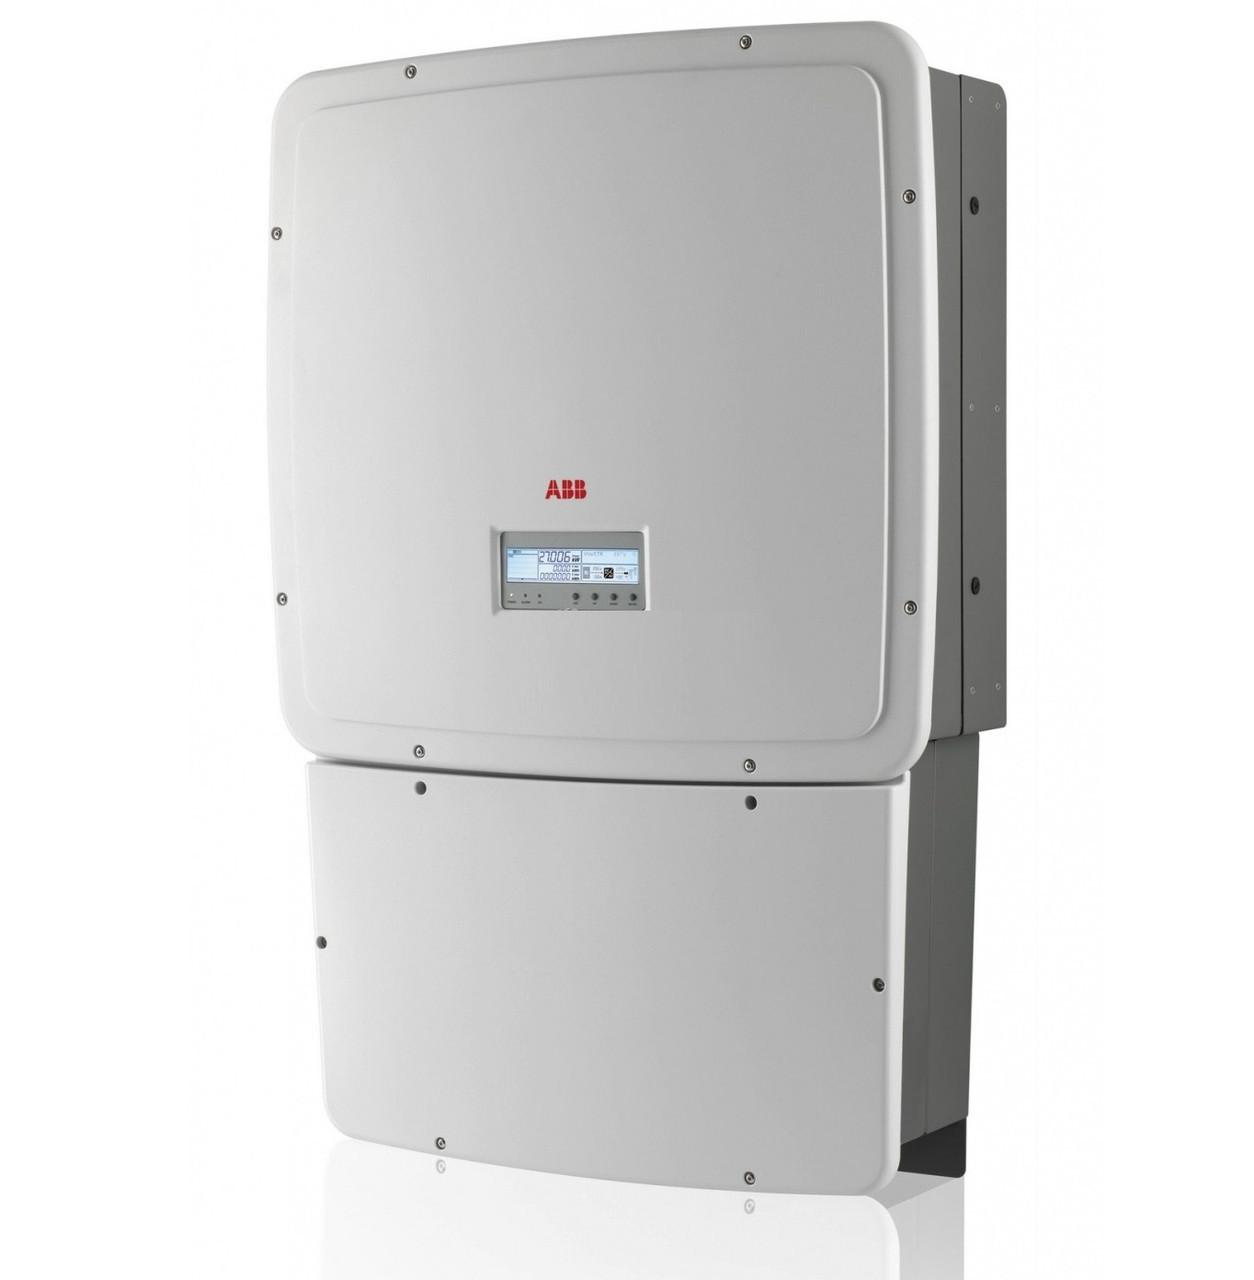 Перетворювач мережевий ABB TRIO-20.0-TL 20 кВт